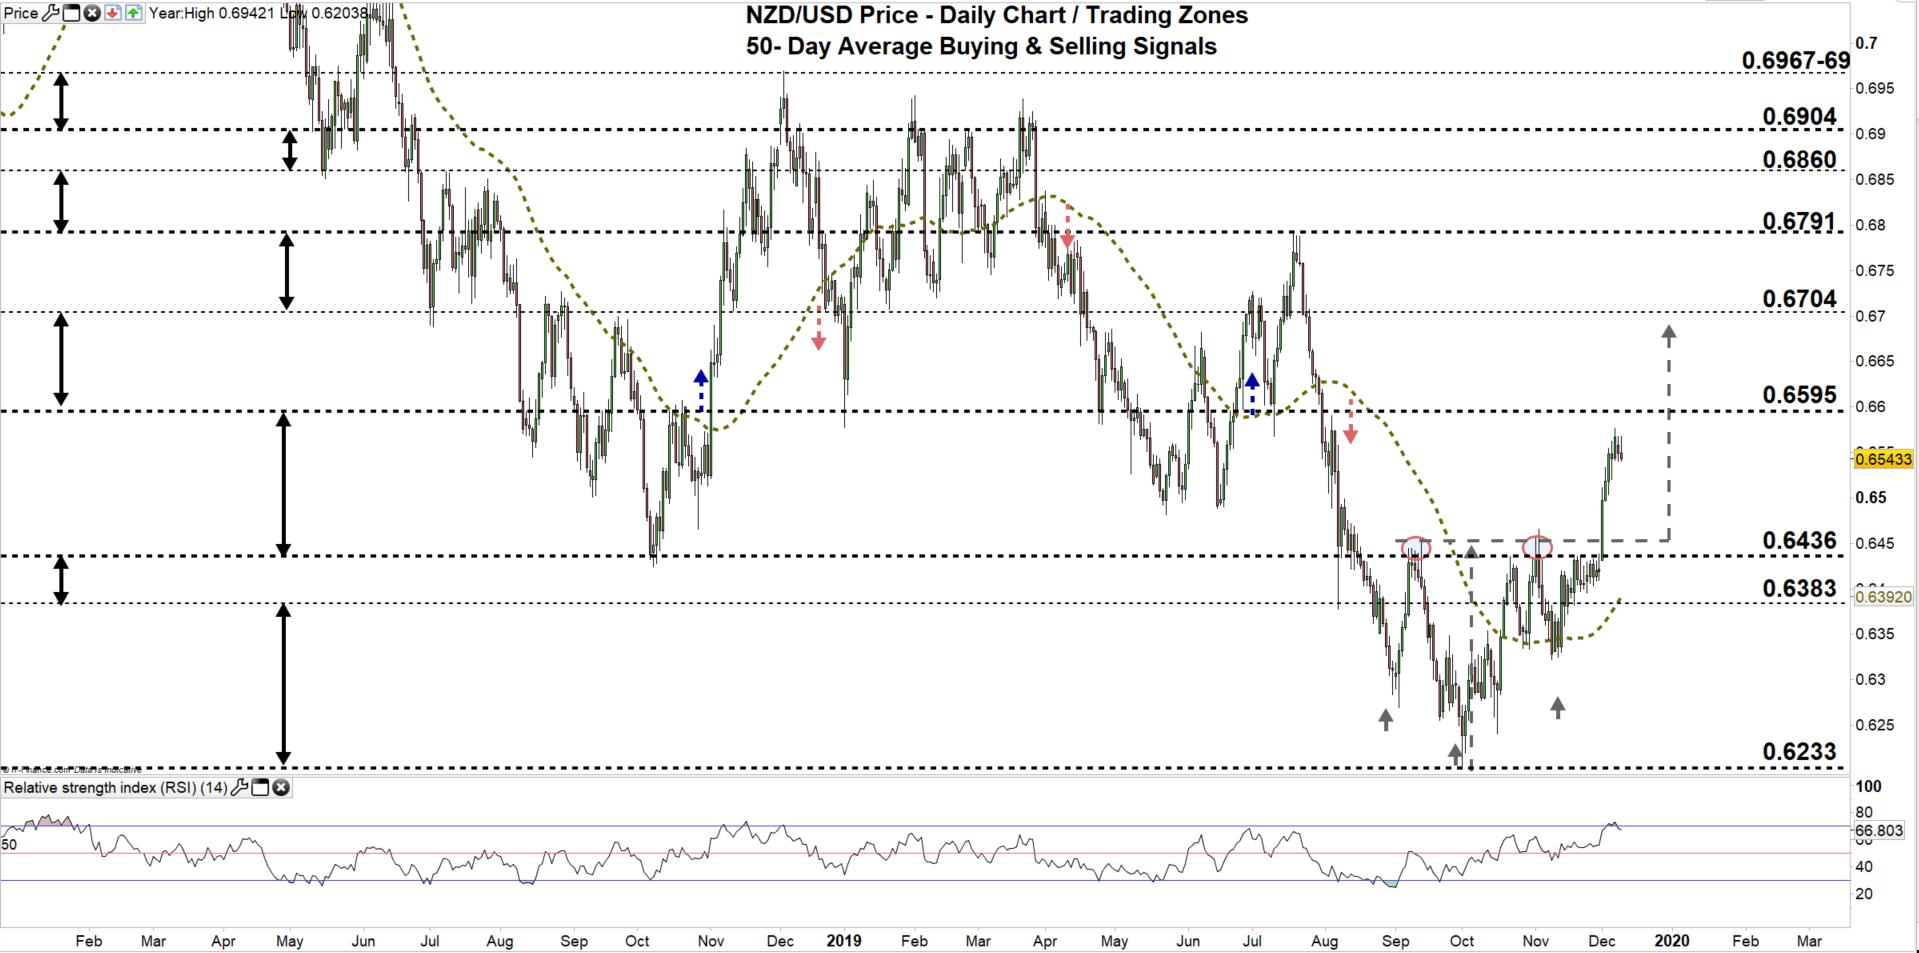 澳元、纽元走势分析:买方获利了结澳元/美元恐大跌,纽元/美元突破颈线位将迎来大涨?